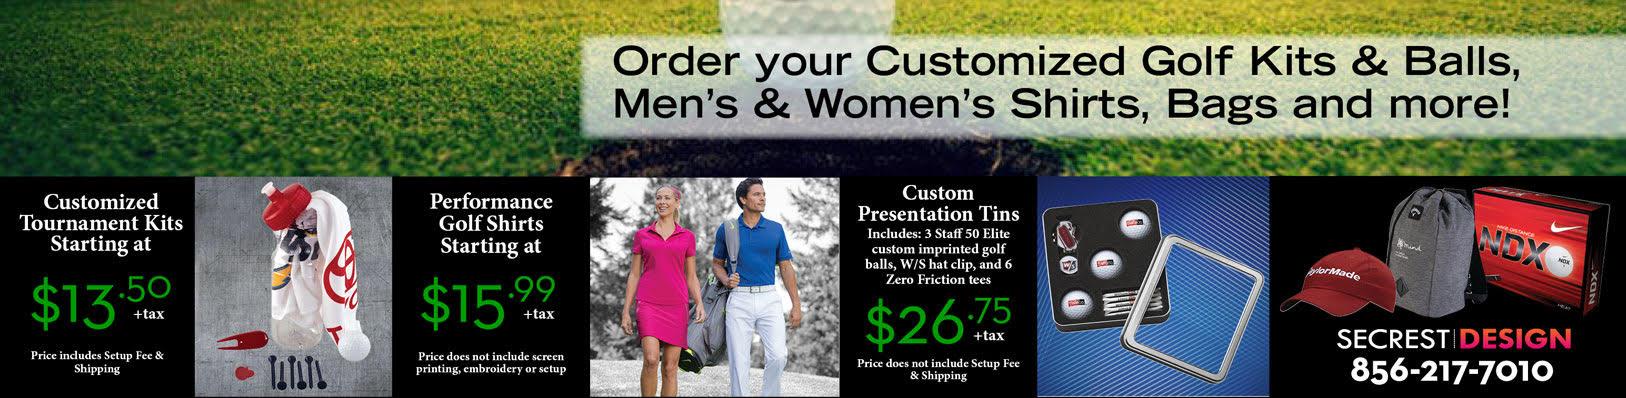 Custom Golf Kits